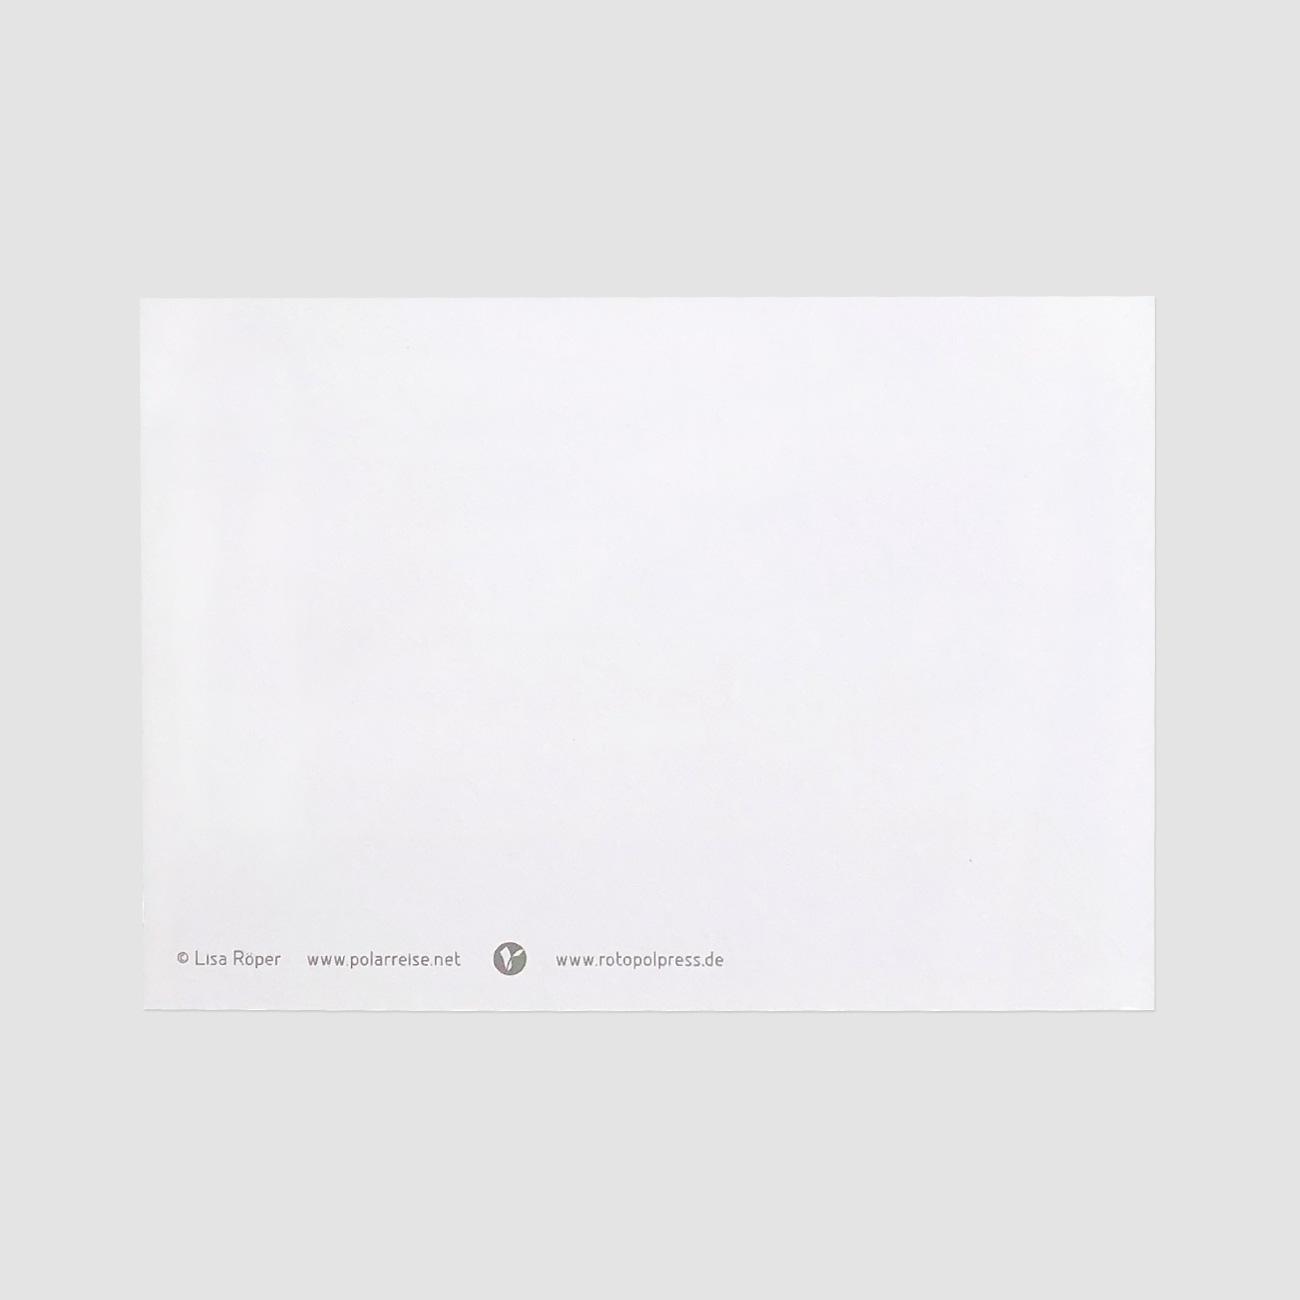 Rotopolpress, Postkarte, Rückseite, einfarbig, DinA 6,